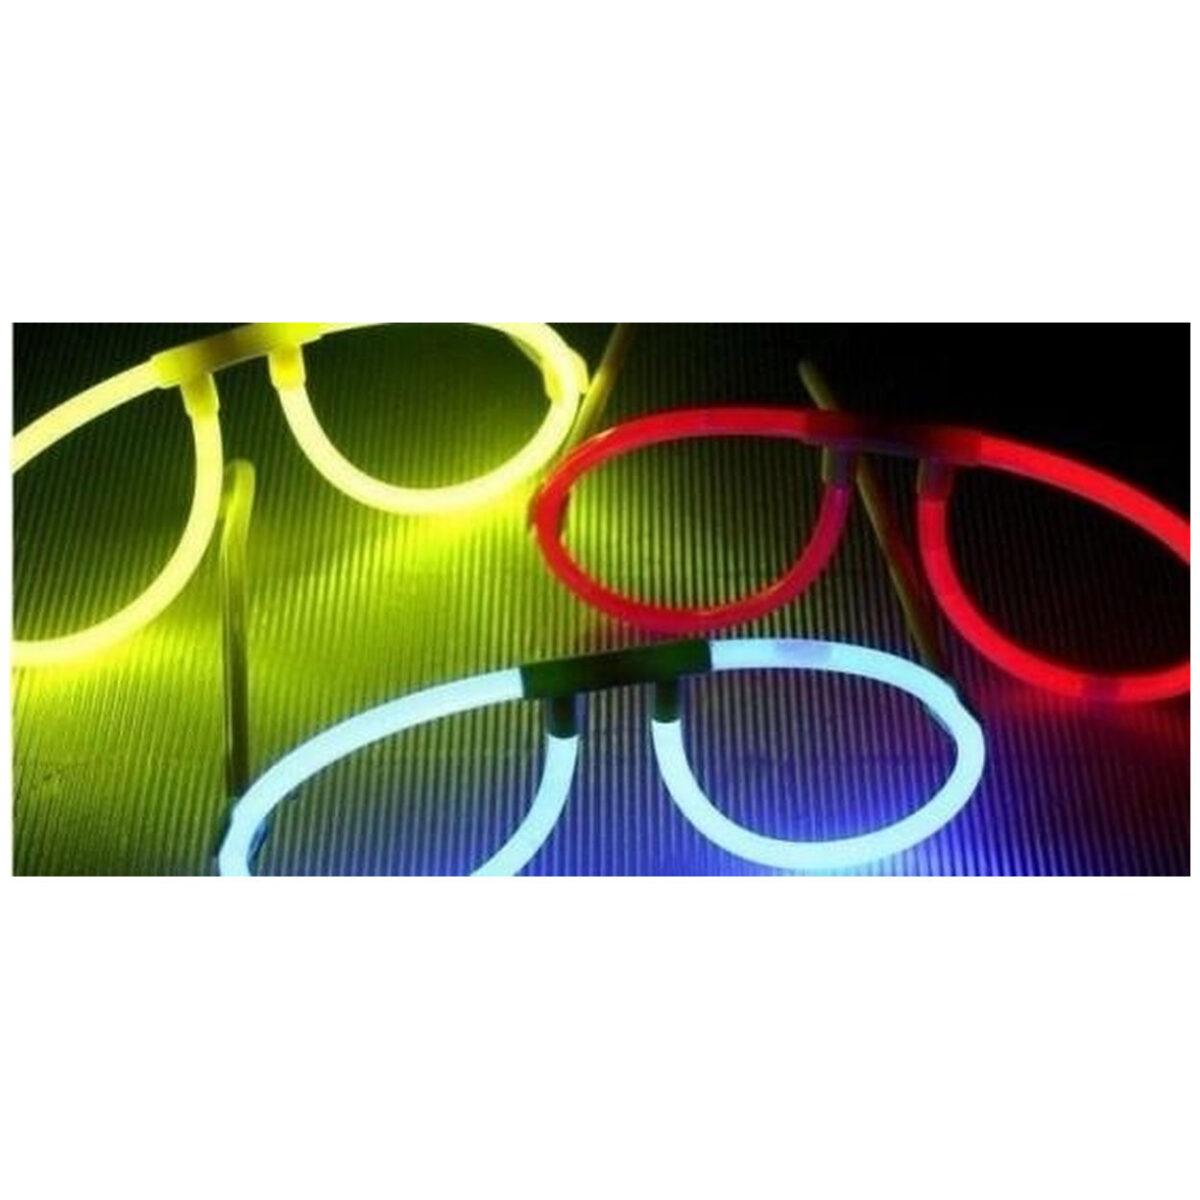 Occhiali Glow